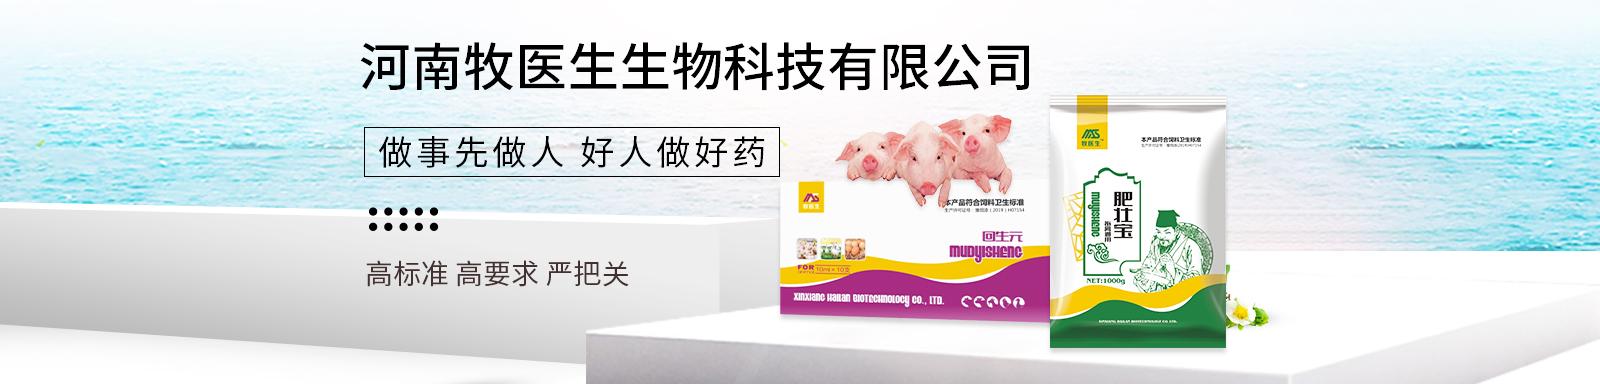 河南牧医生生物科技有限公司